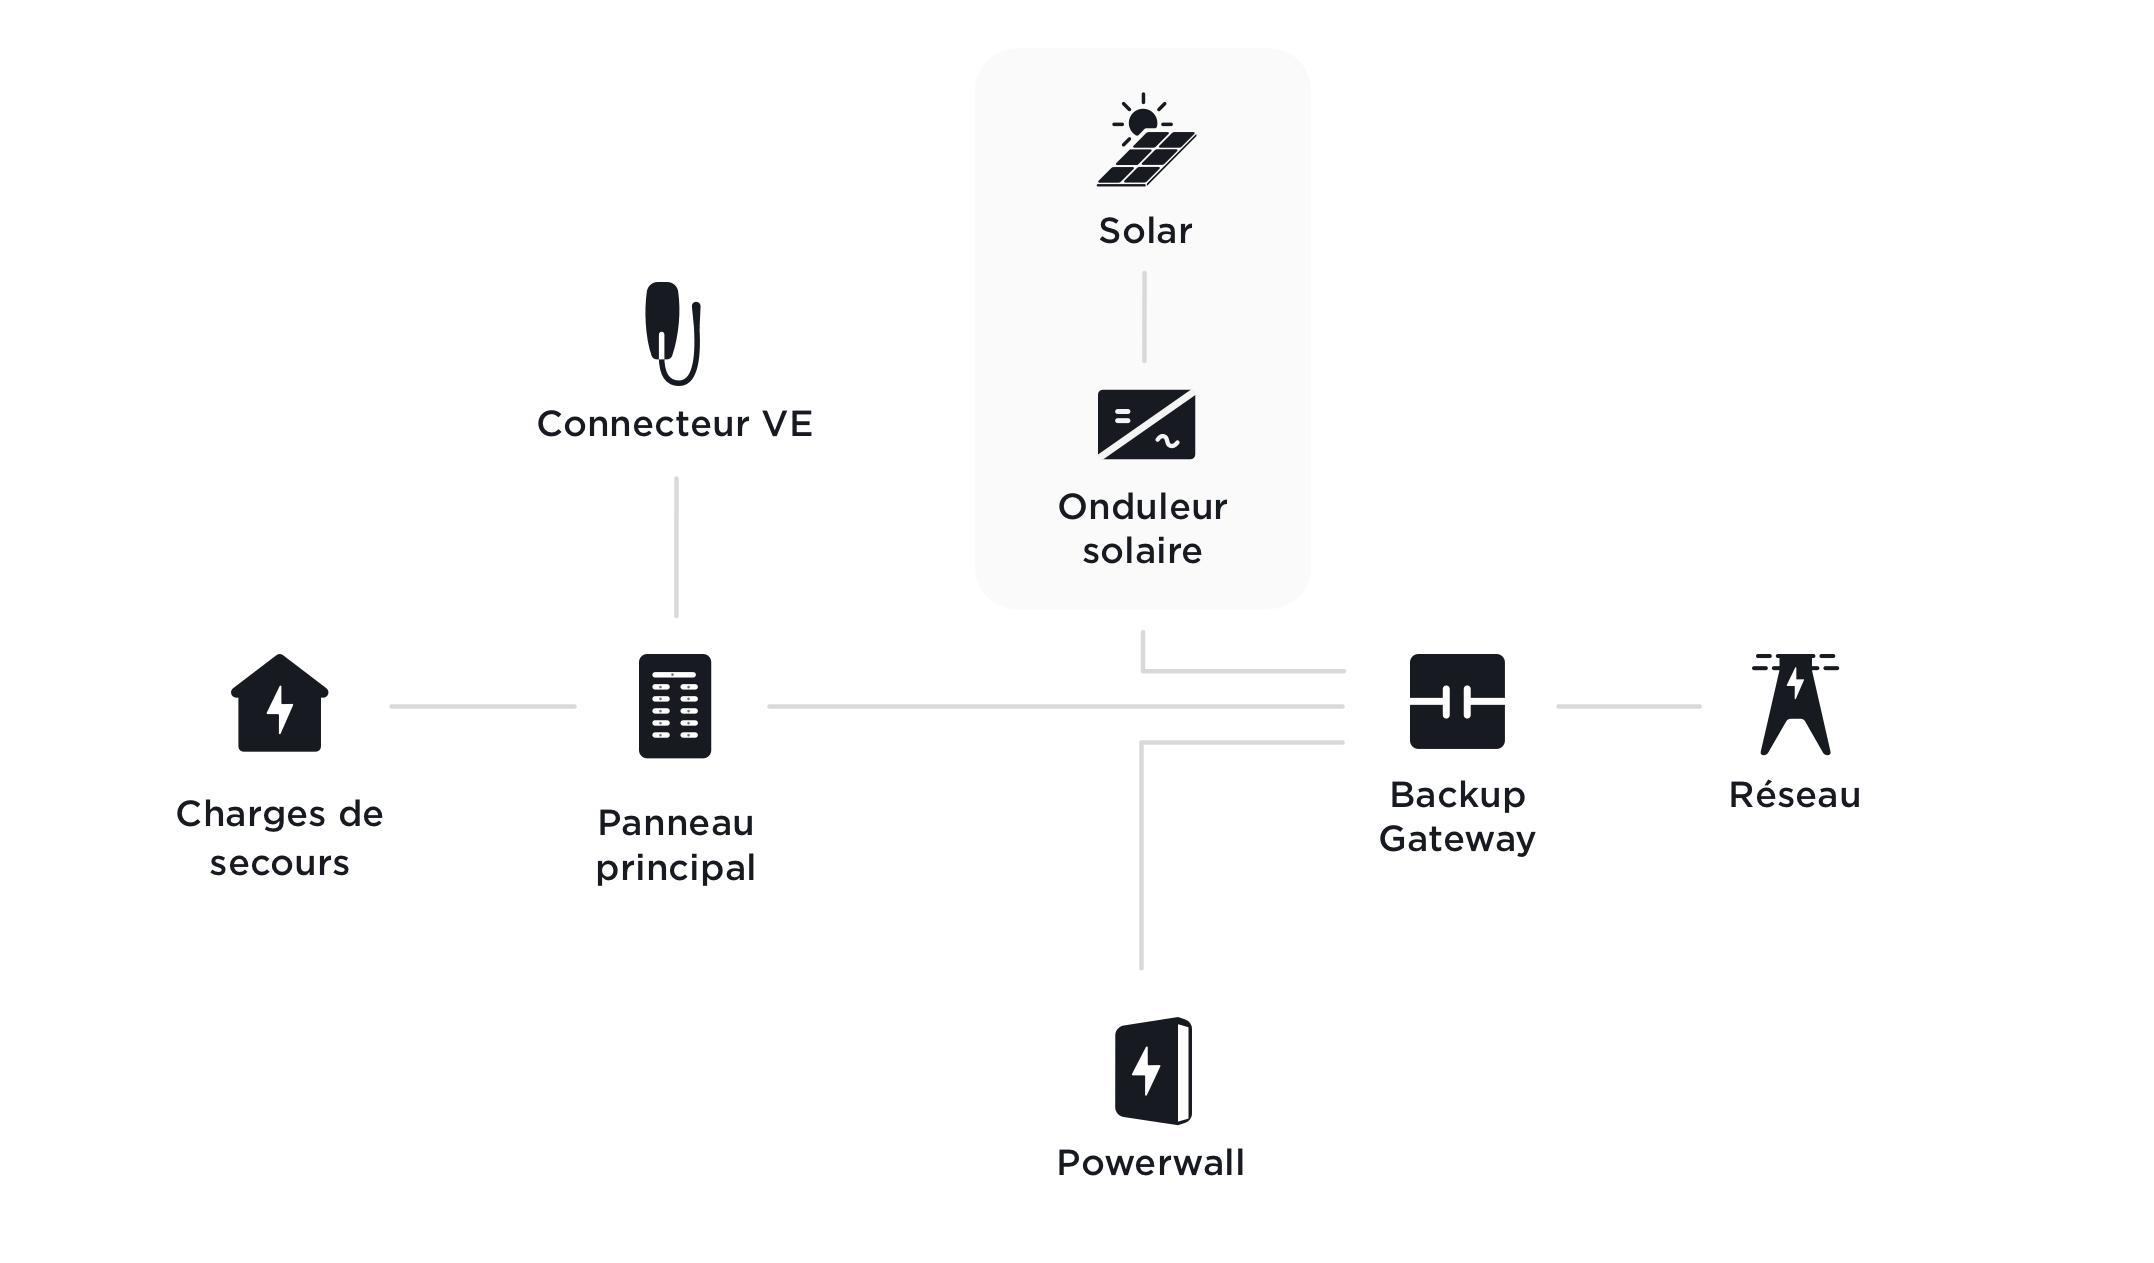 Configurations pour la maison et les véhicules compatibles avec le Powerwall